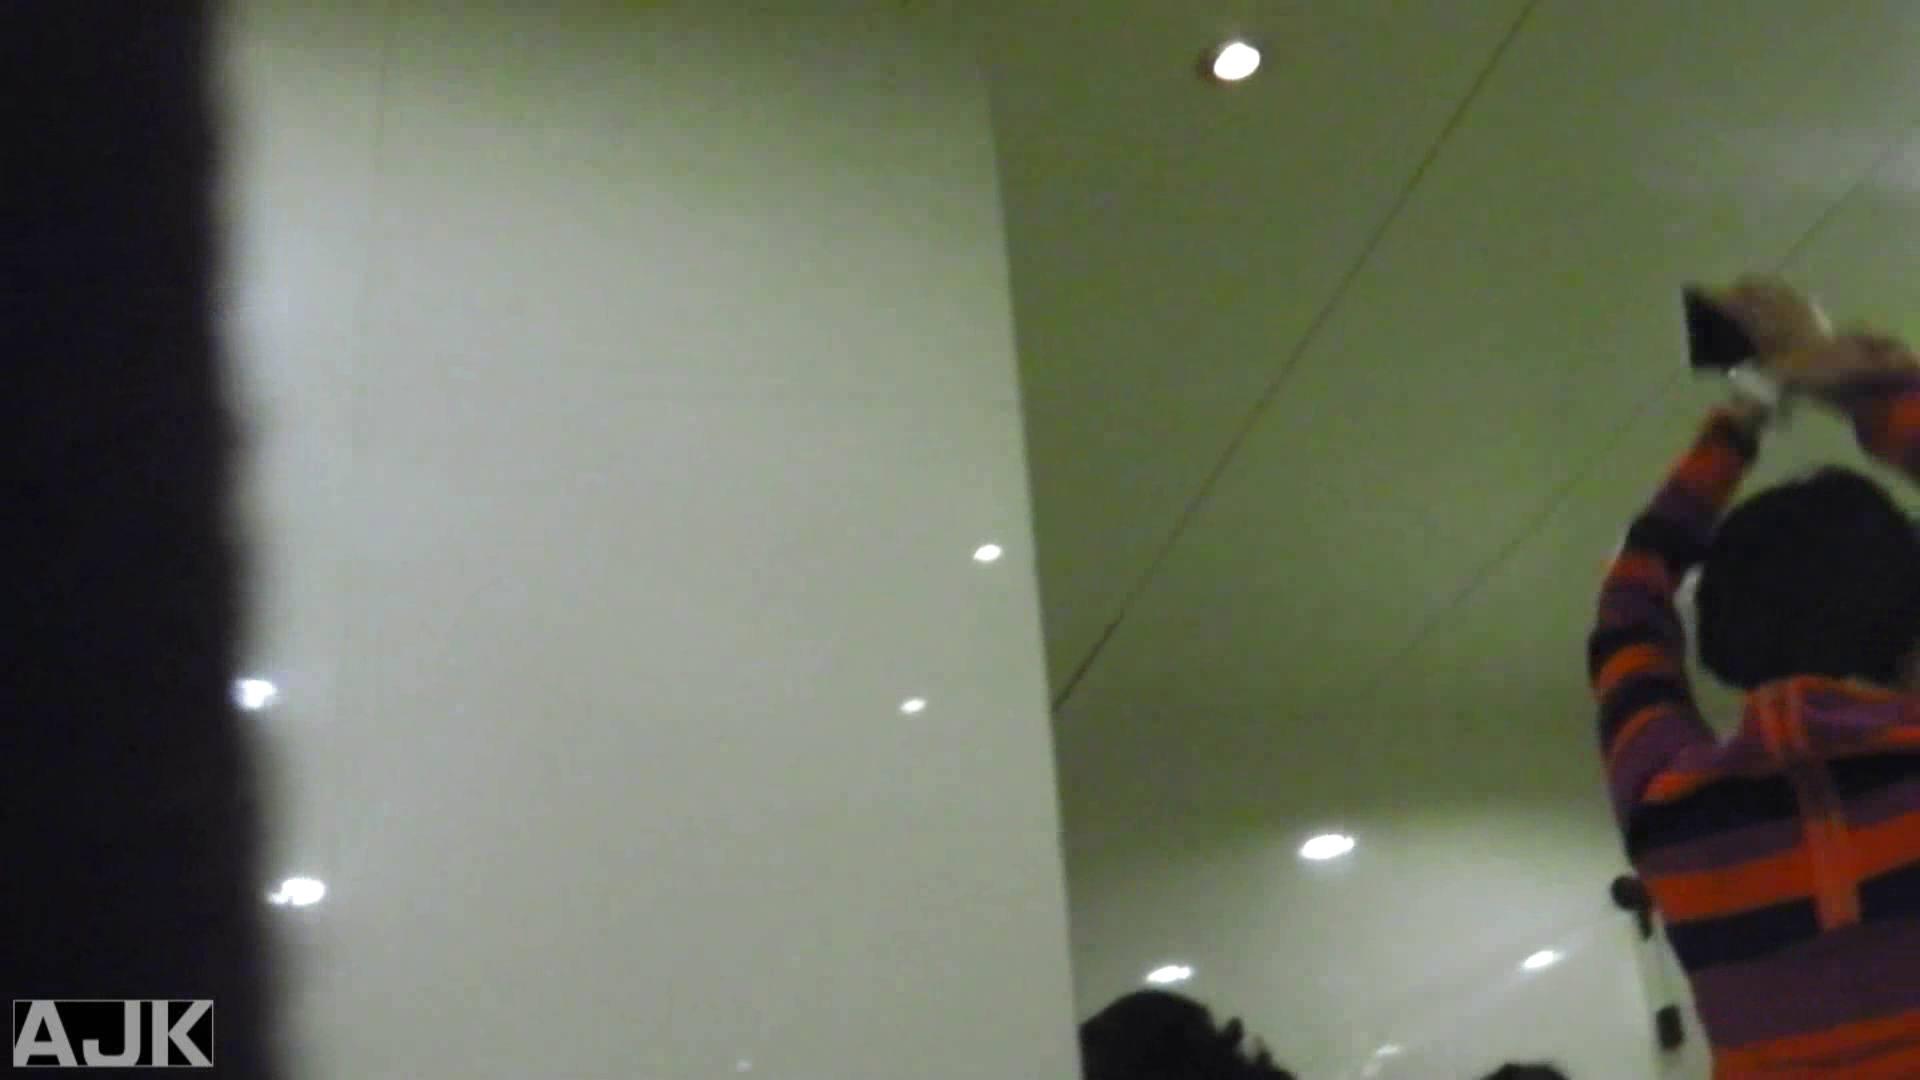 隣国上階級エリアの令嬢たちが集うデパートお手洗い Vol.15 女子トイレの中 オメコ無修正動画無料 106画像 64